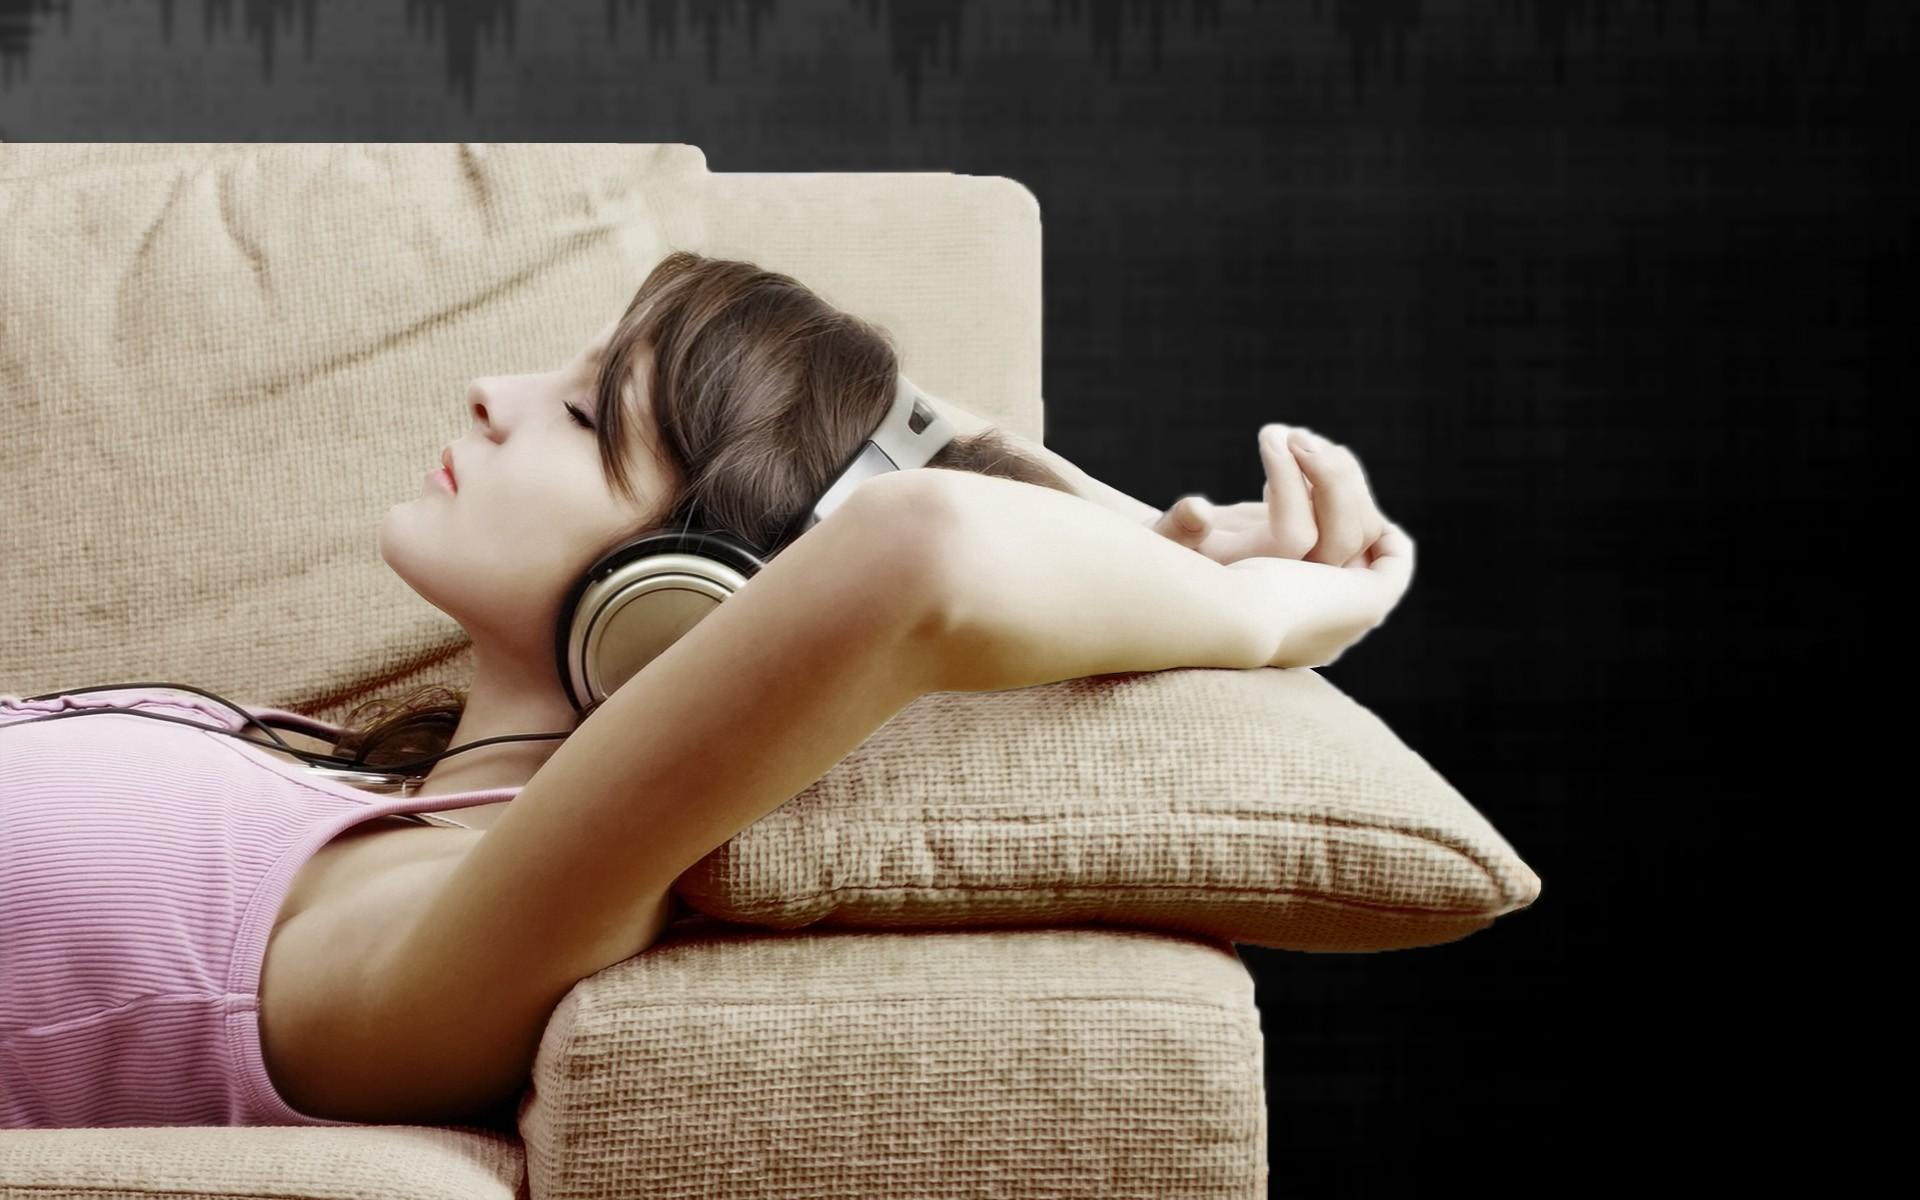 девушка отдых диван  № 41276 без смс